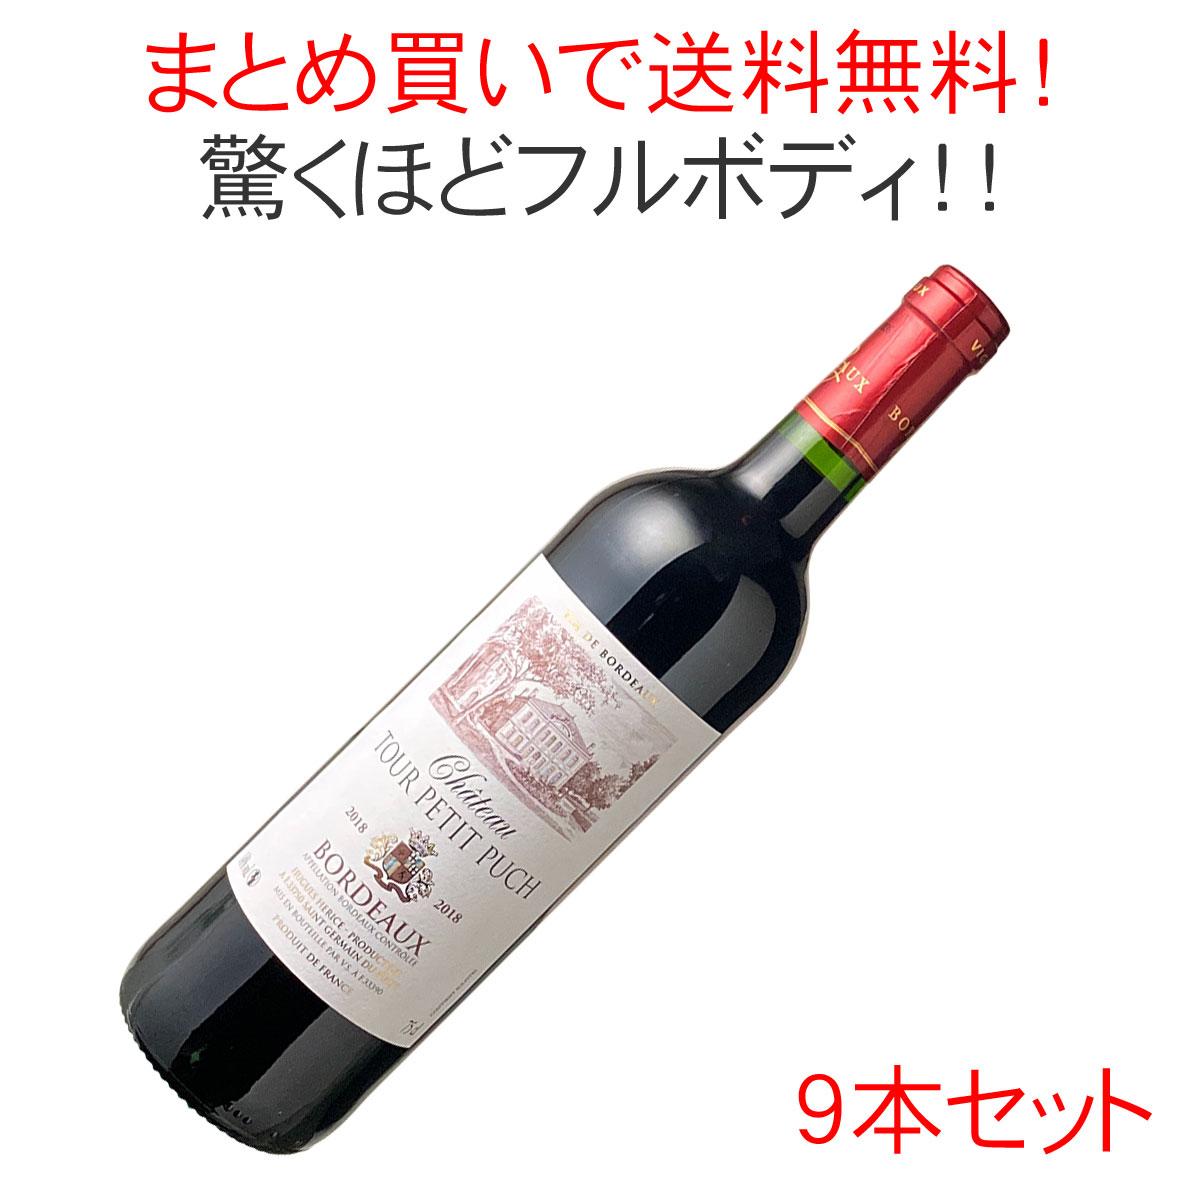 【送料無料】シャトー・トゥール・プティ・プッシュ [2018] 1ケース9本セット <赤> <ワイン/ボルドー>